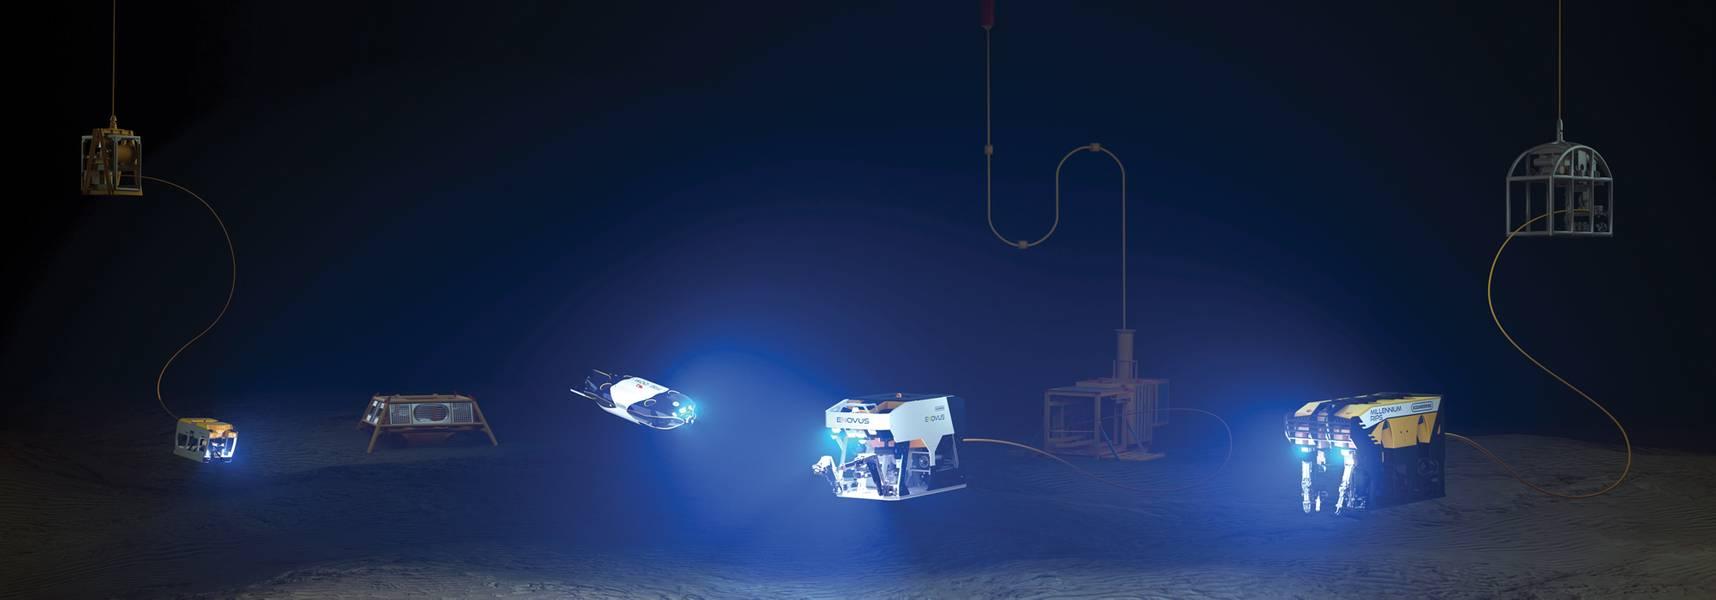 Oceaneering的ROV系列包括下一代车辆Freedom和E-ROV。由Oceaneering International提供